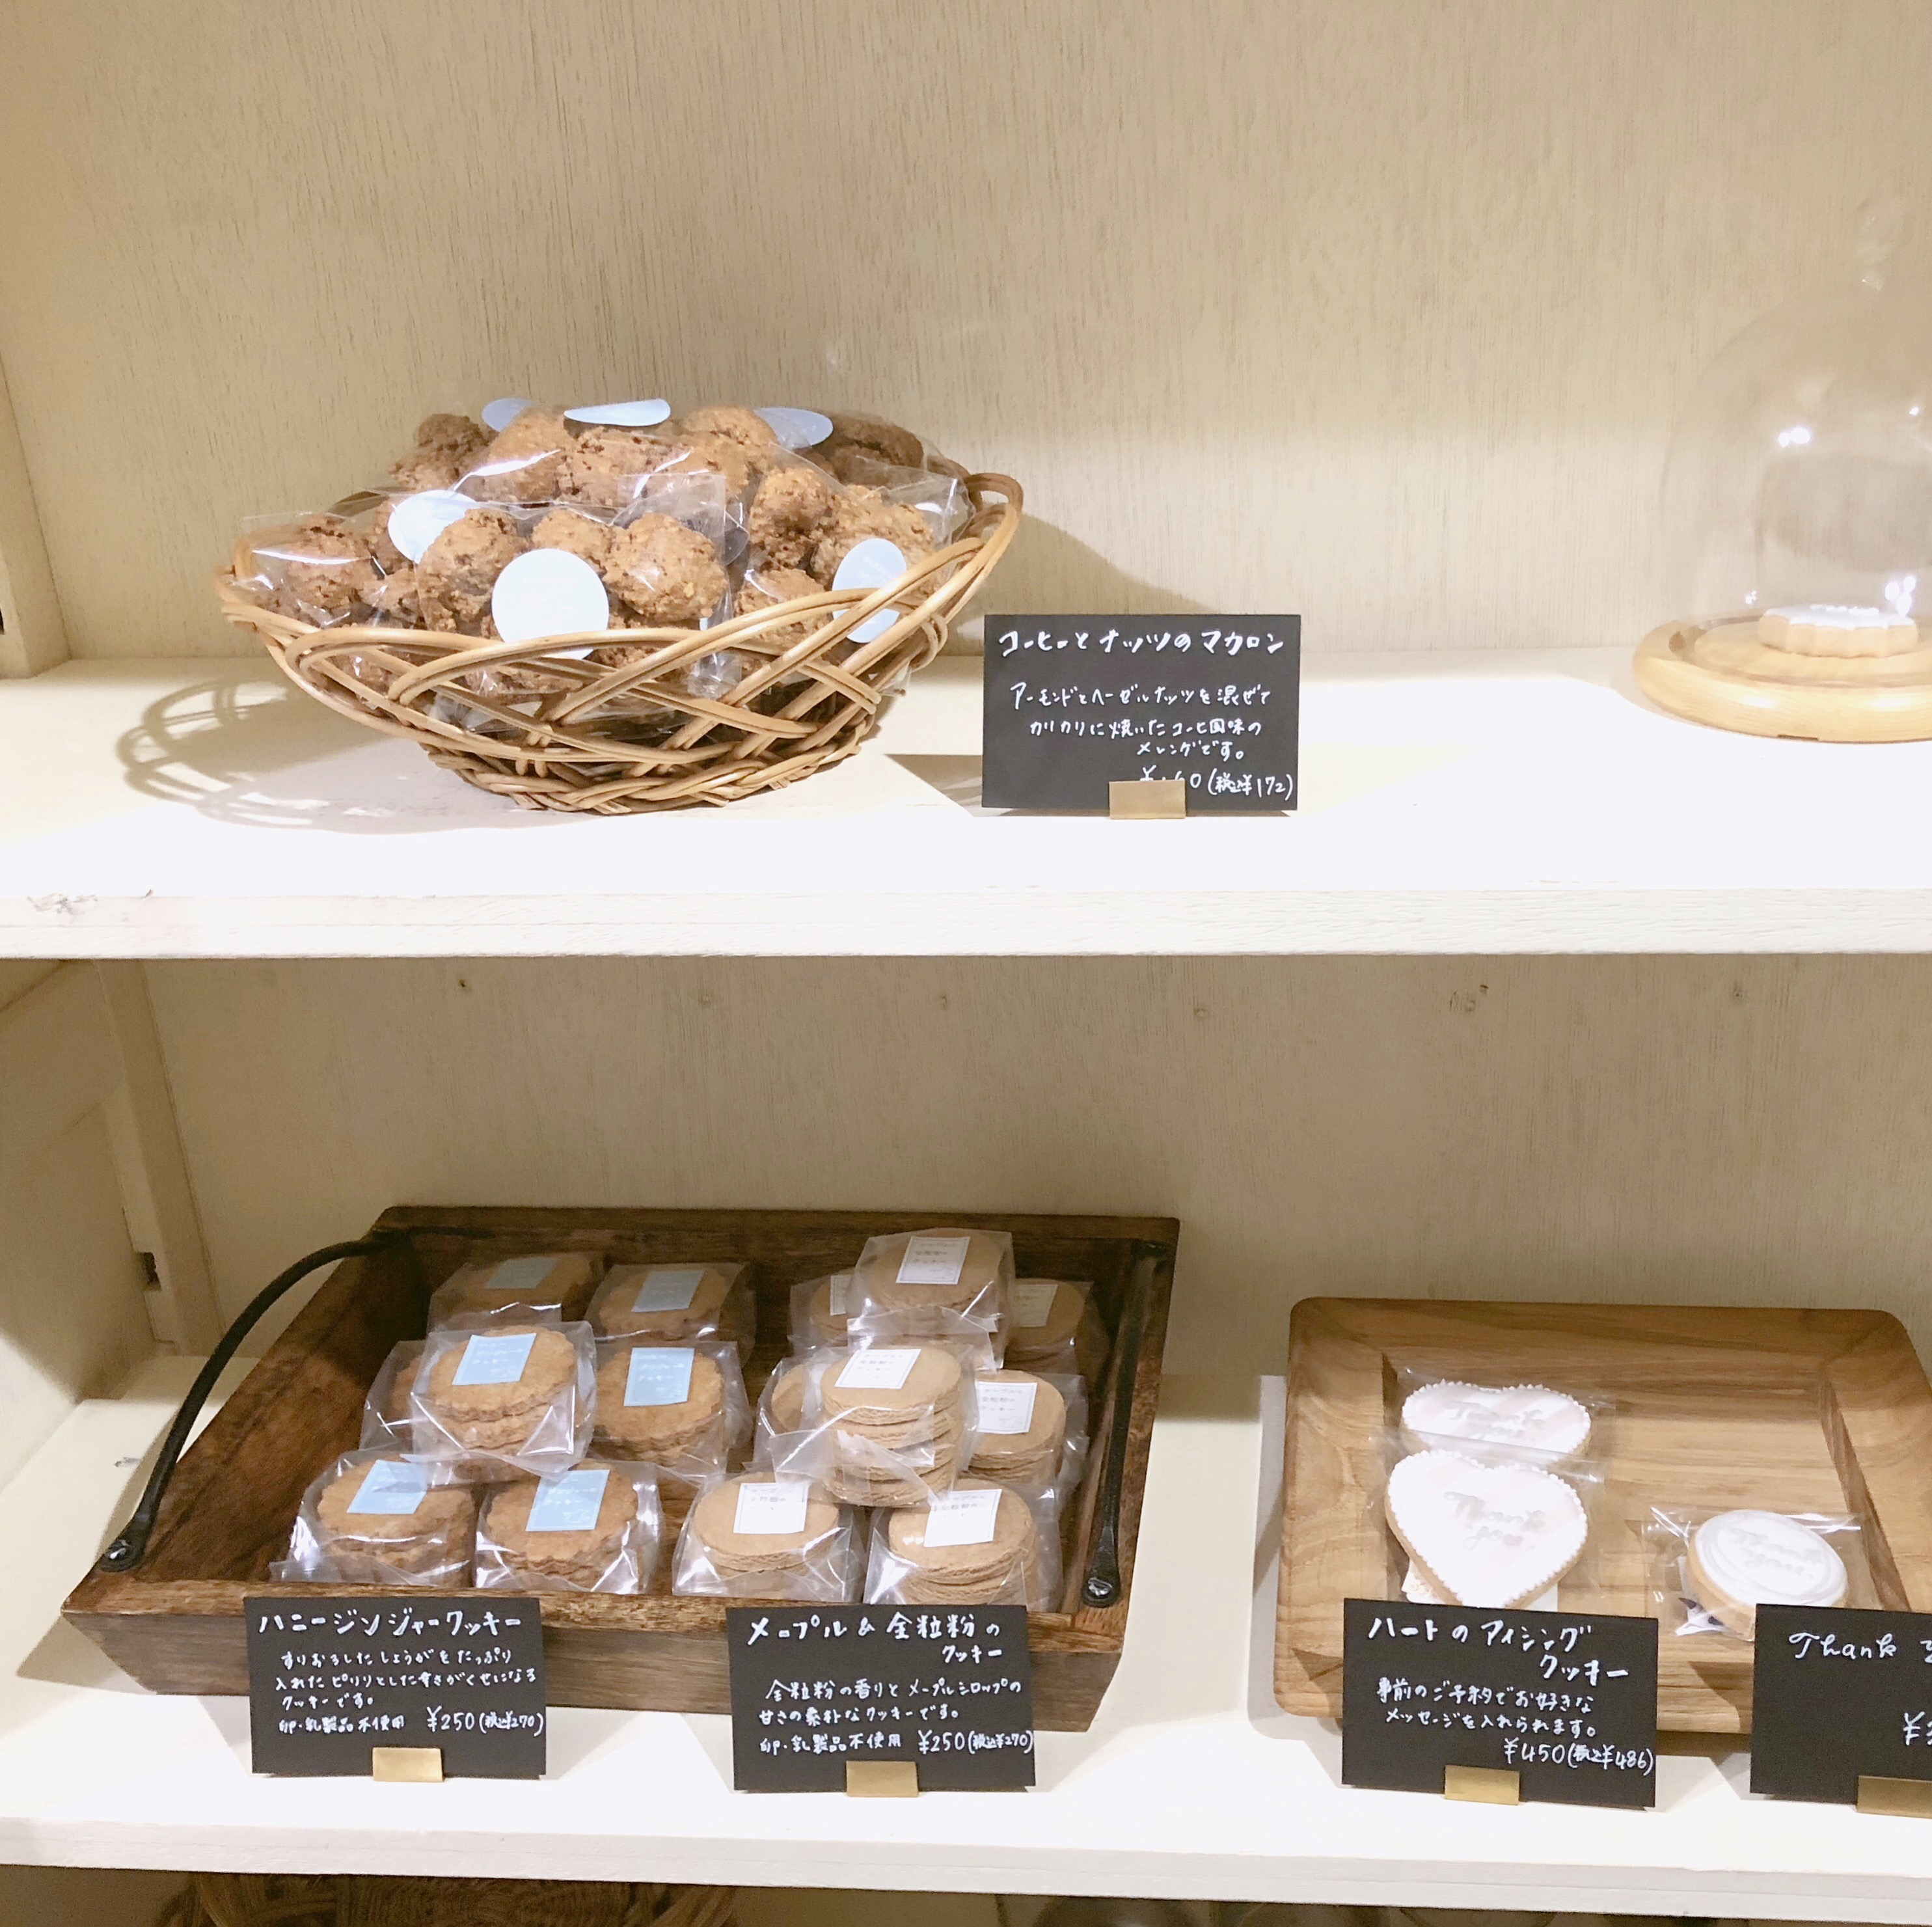 小さな焼き菓子屋さん 『 コナサン 』の素朴で優しいクッキーにほっこり♡ _5